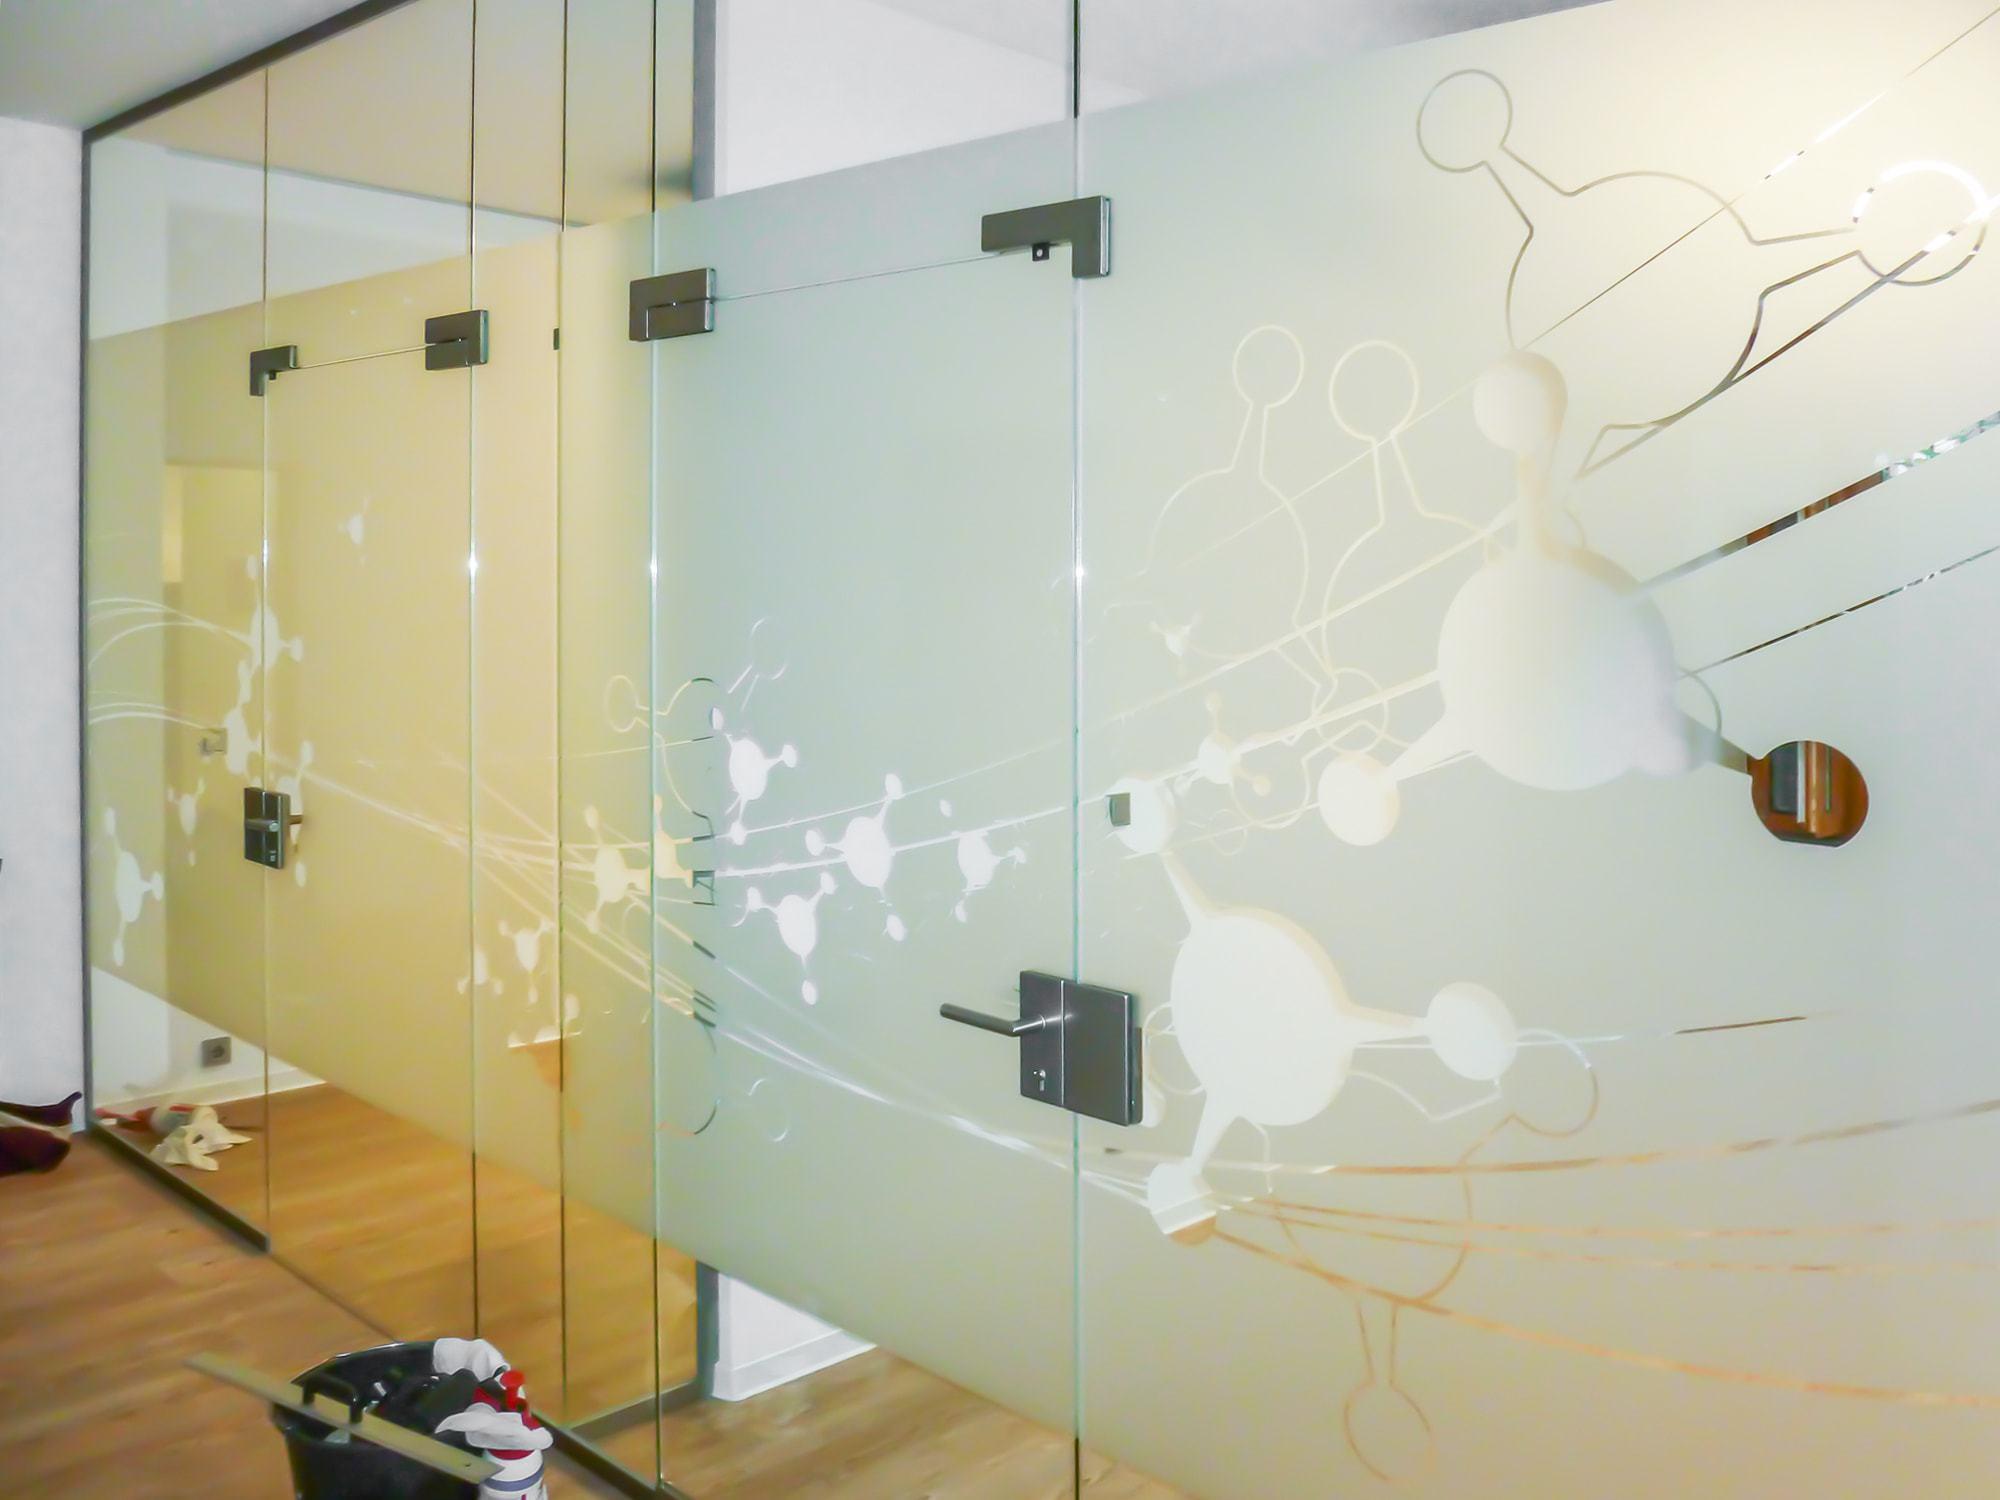 Das Foto zeigt eine Glastrennwand auf der Glasdekorfolien mit Muster verklebt wurden.